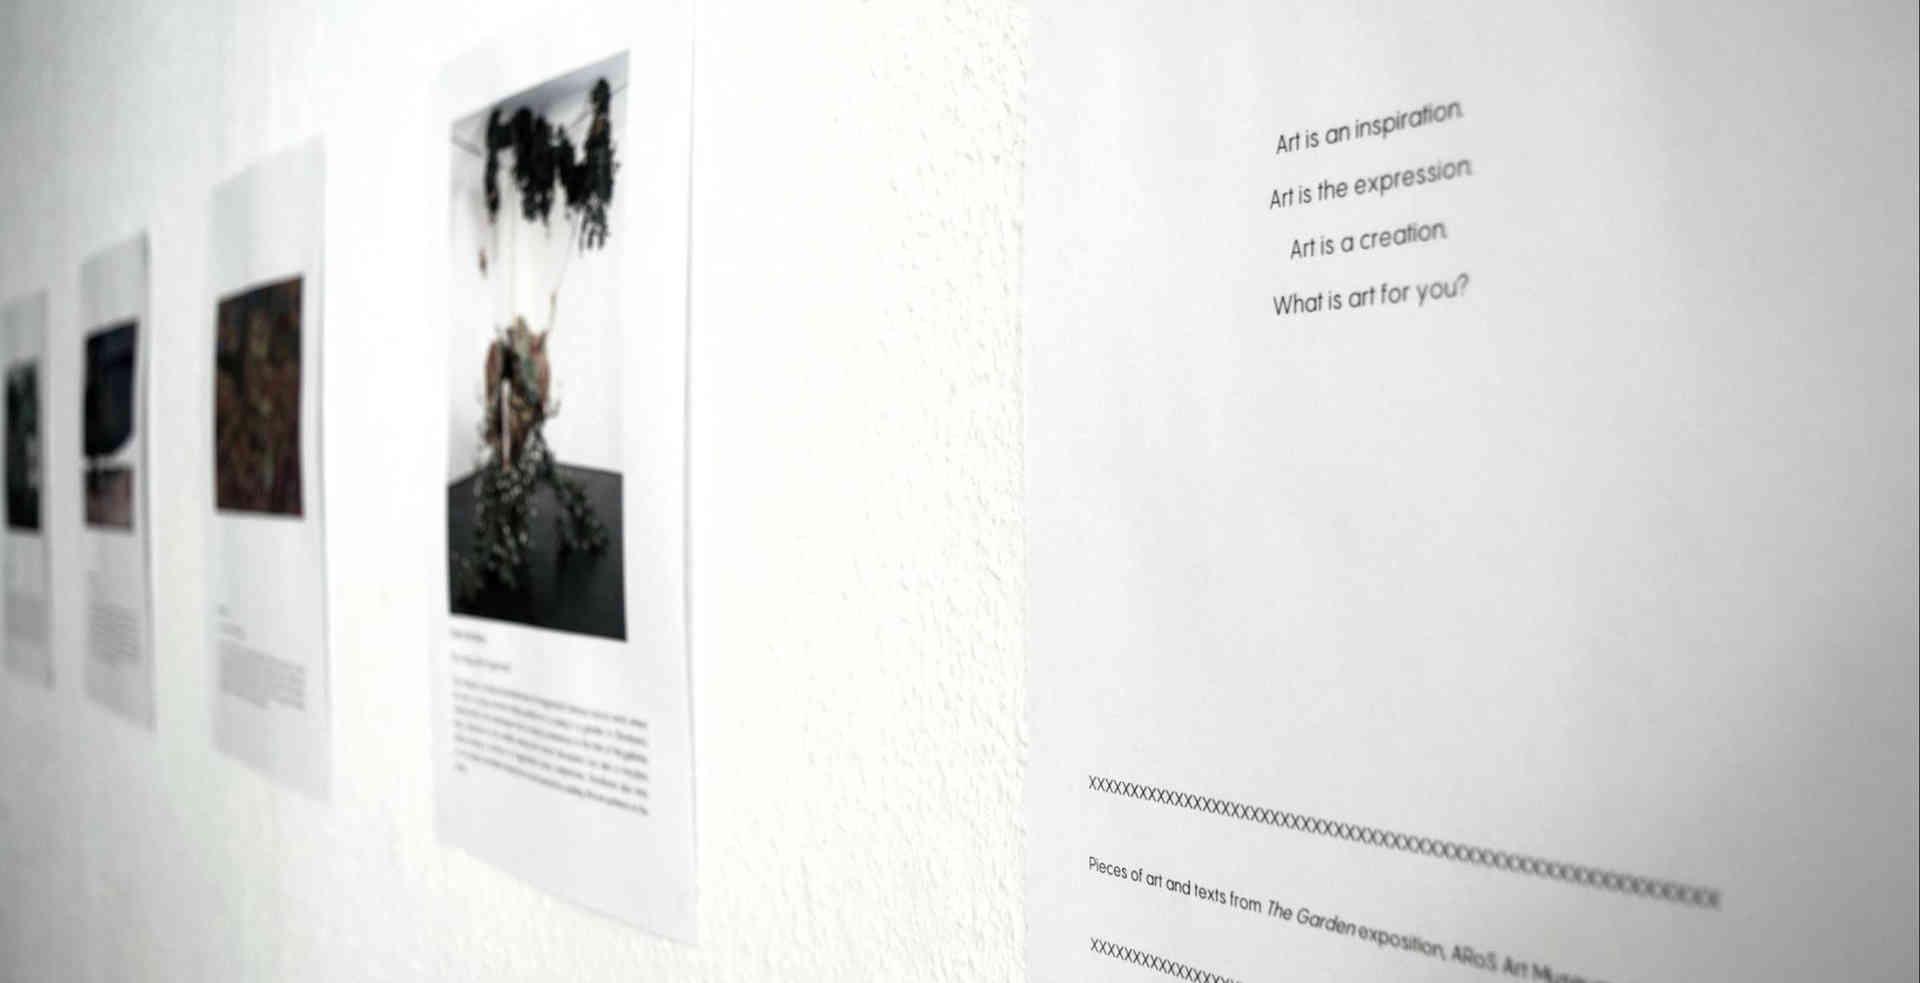 12_exhibition_by Maciej Marszal.jpg